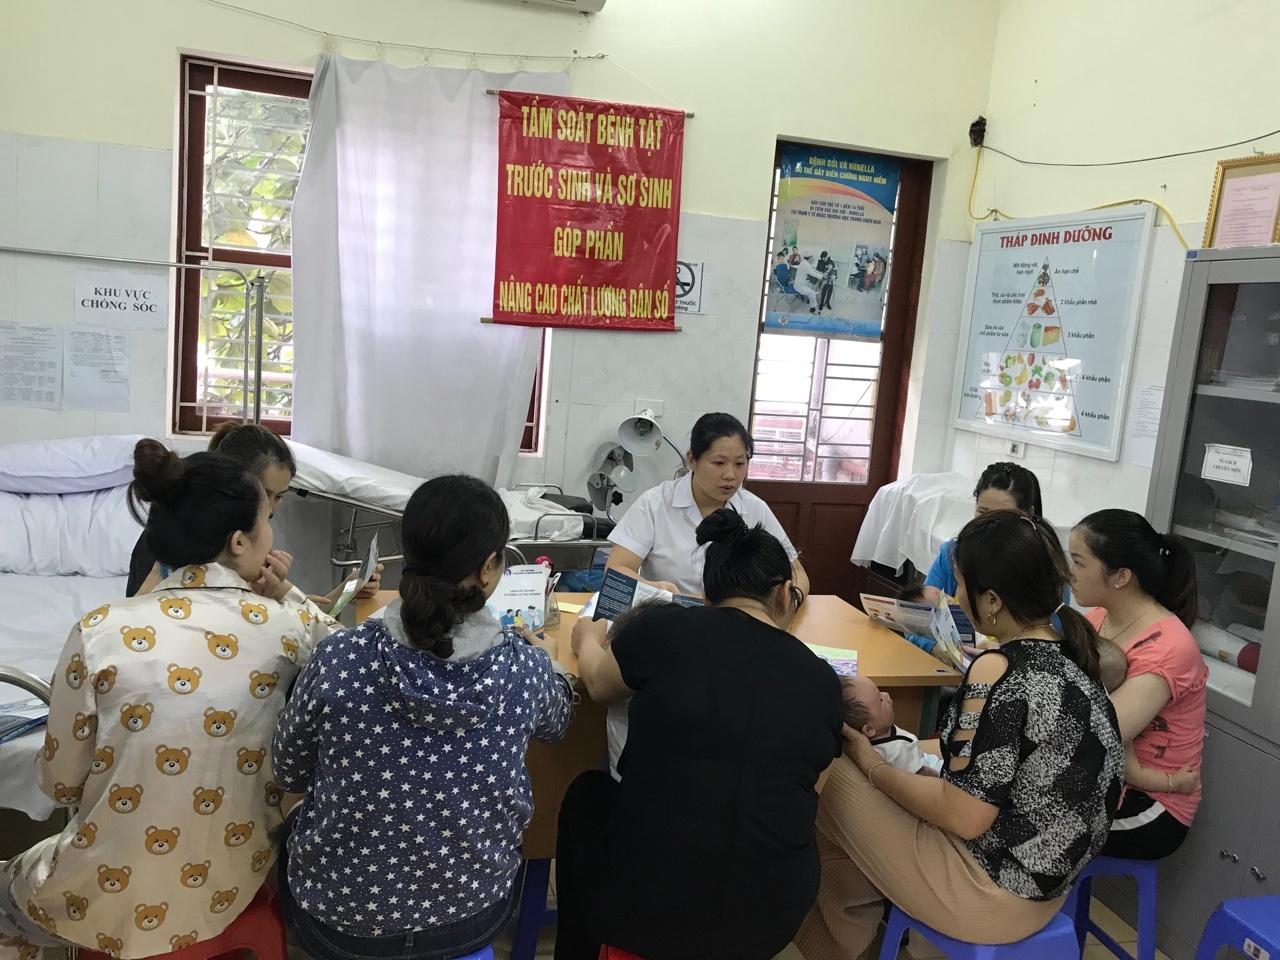 TTYT huyện tăng cường thực hiện tổ chức sàng lọc trước sinh, sơ sinh giúp nâng cao chất lượng dân số